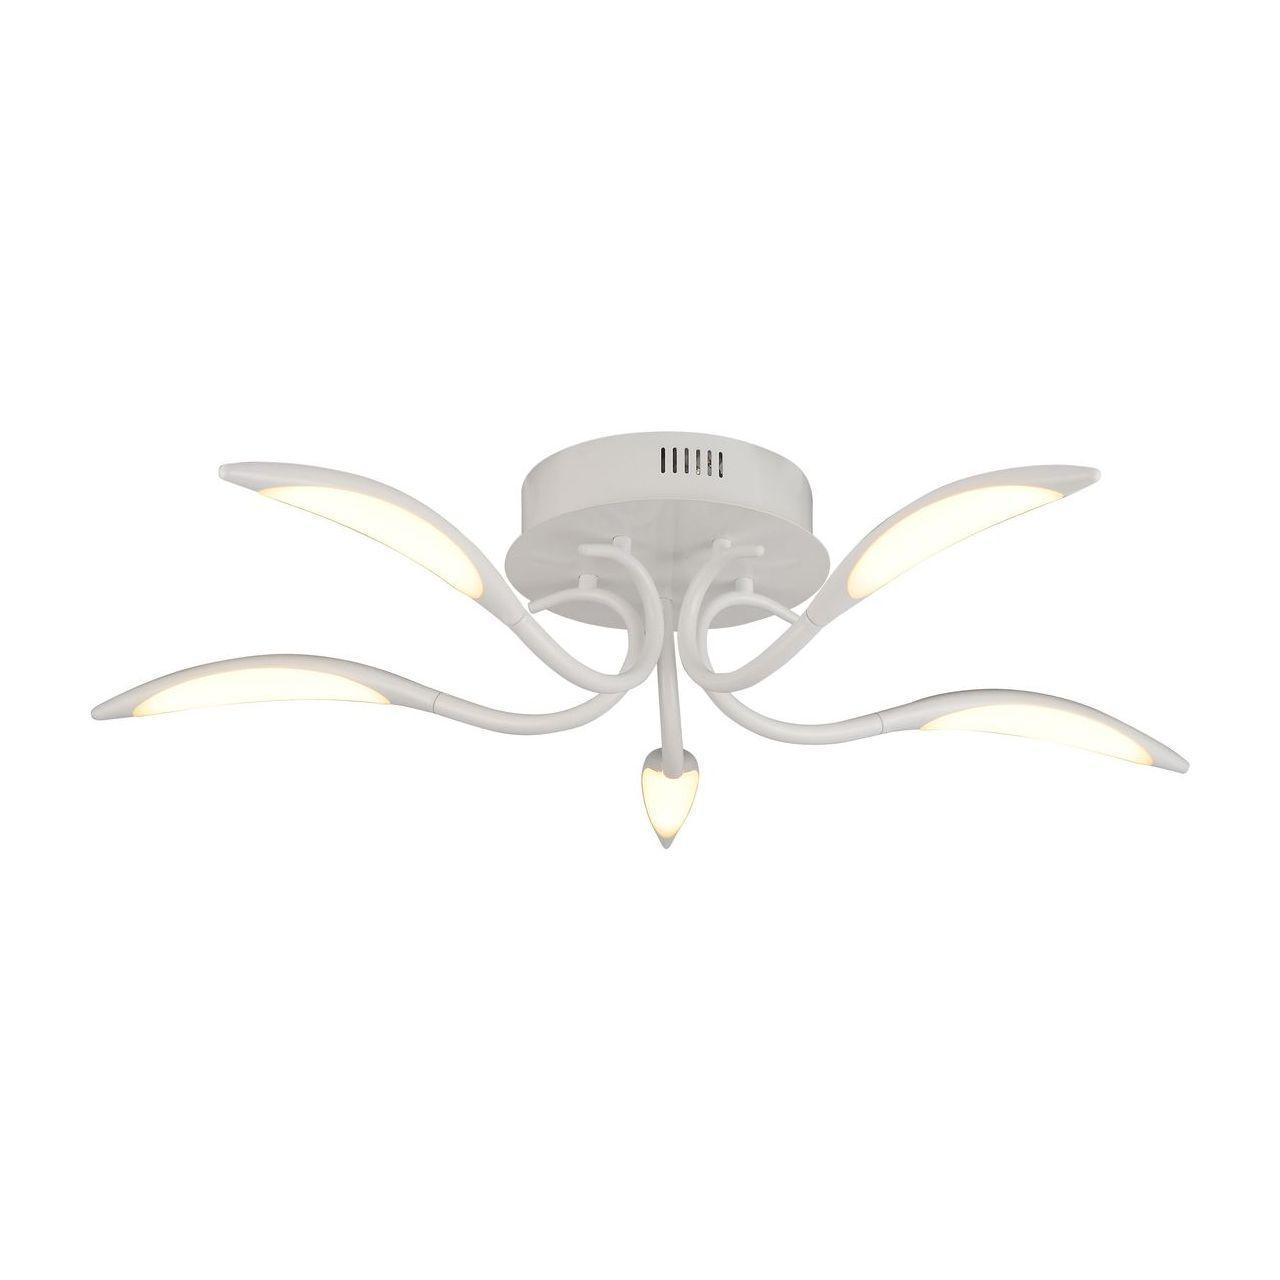 Люстра Arte Lamp A9442PL-5WH потолочная люстра потолочная lumin arte santafe santafe cl60e27 5wh